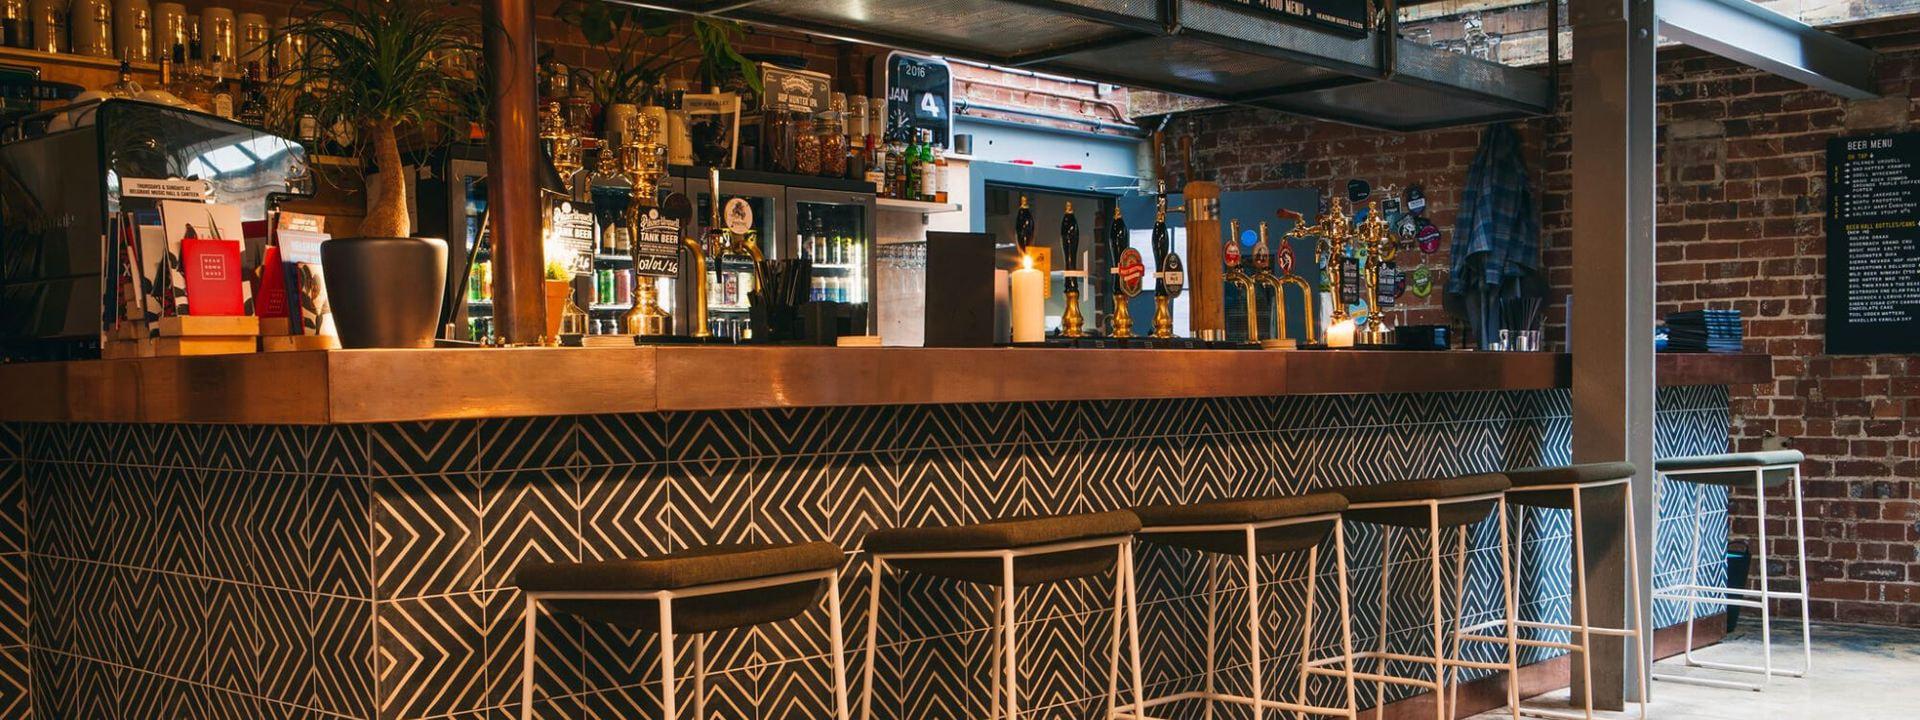 Headrow House bar